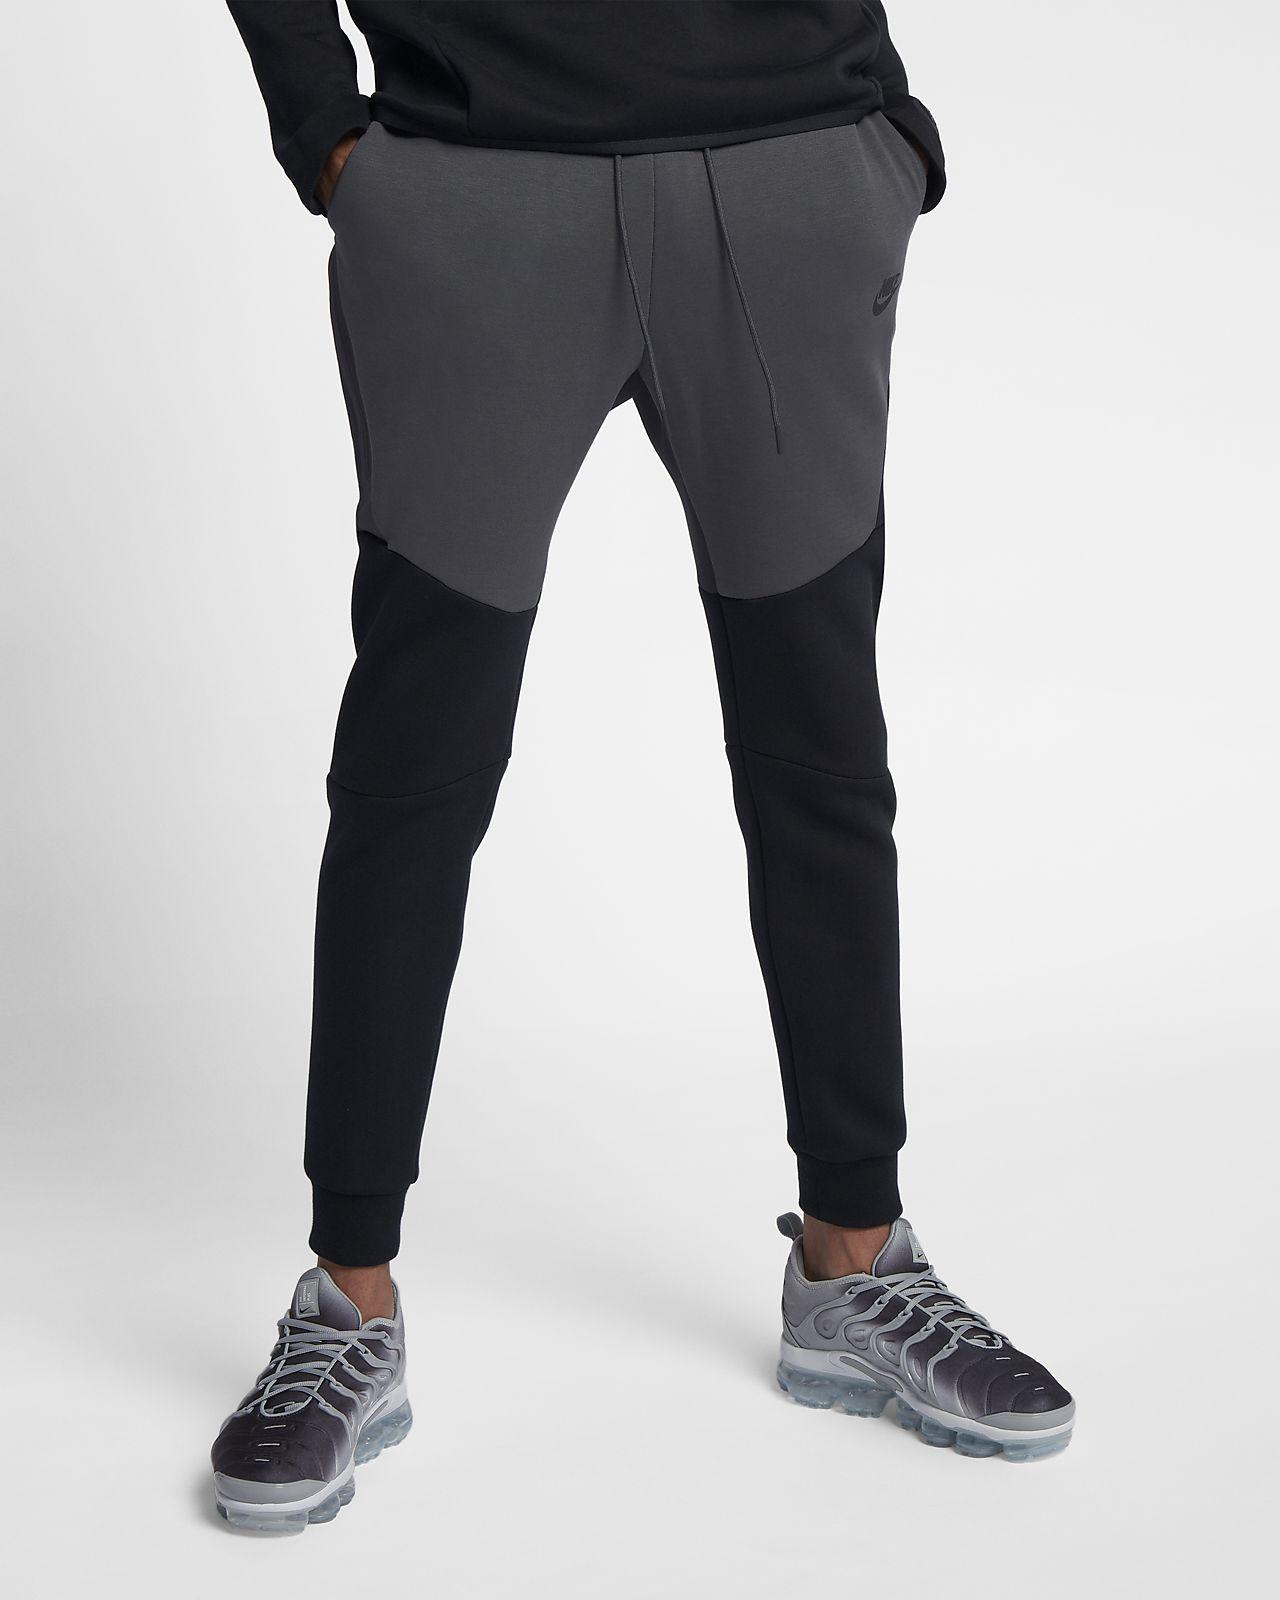 newest 56d19 d29f3 ... Pantalon de jogging Nike Sportswear Tech Fleece pour Homme